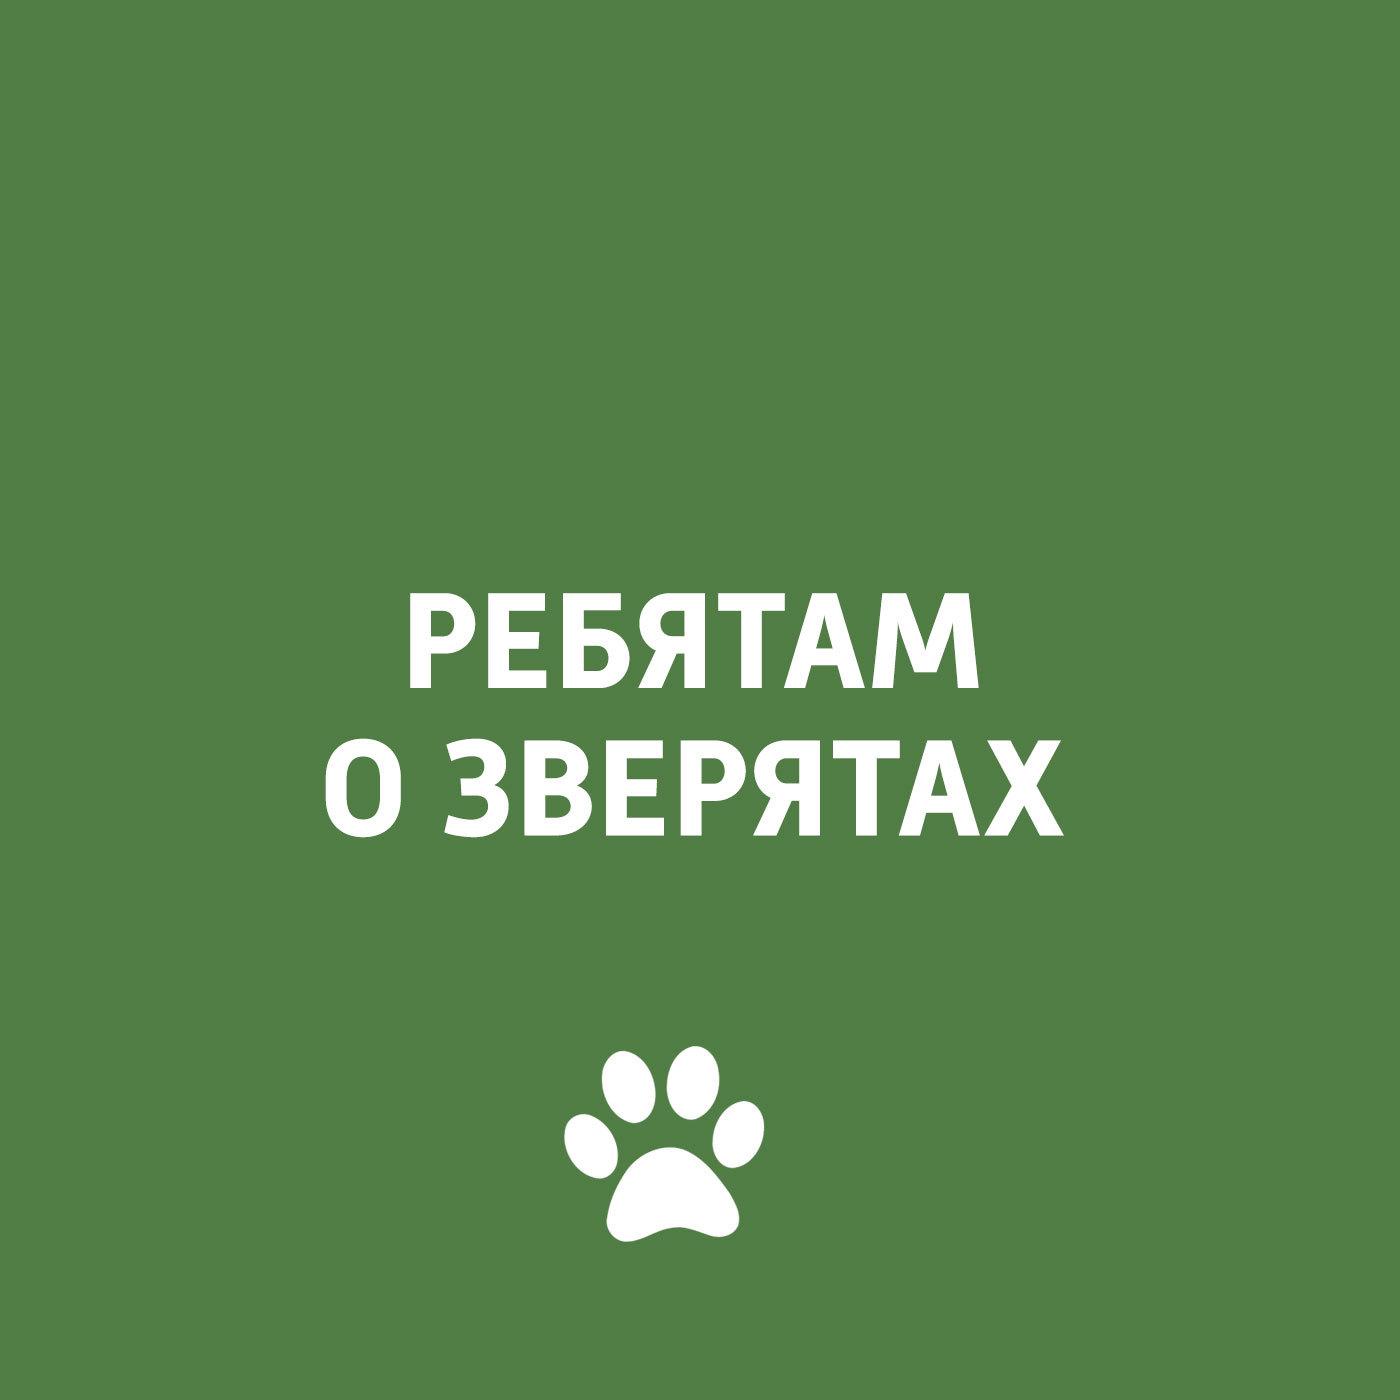 Творческий коллектив программы «Пора домой» Стресс у собак творческий коллектив программы пора домой вирусные заболевания у кошек и собак